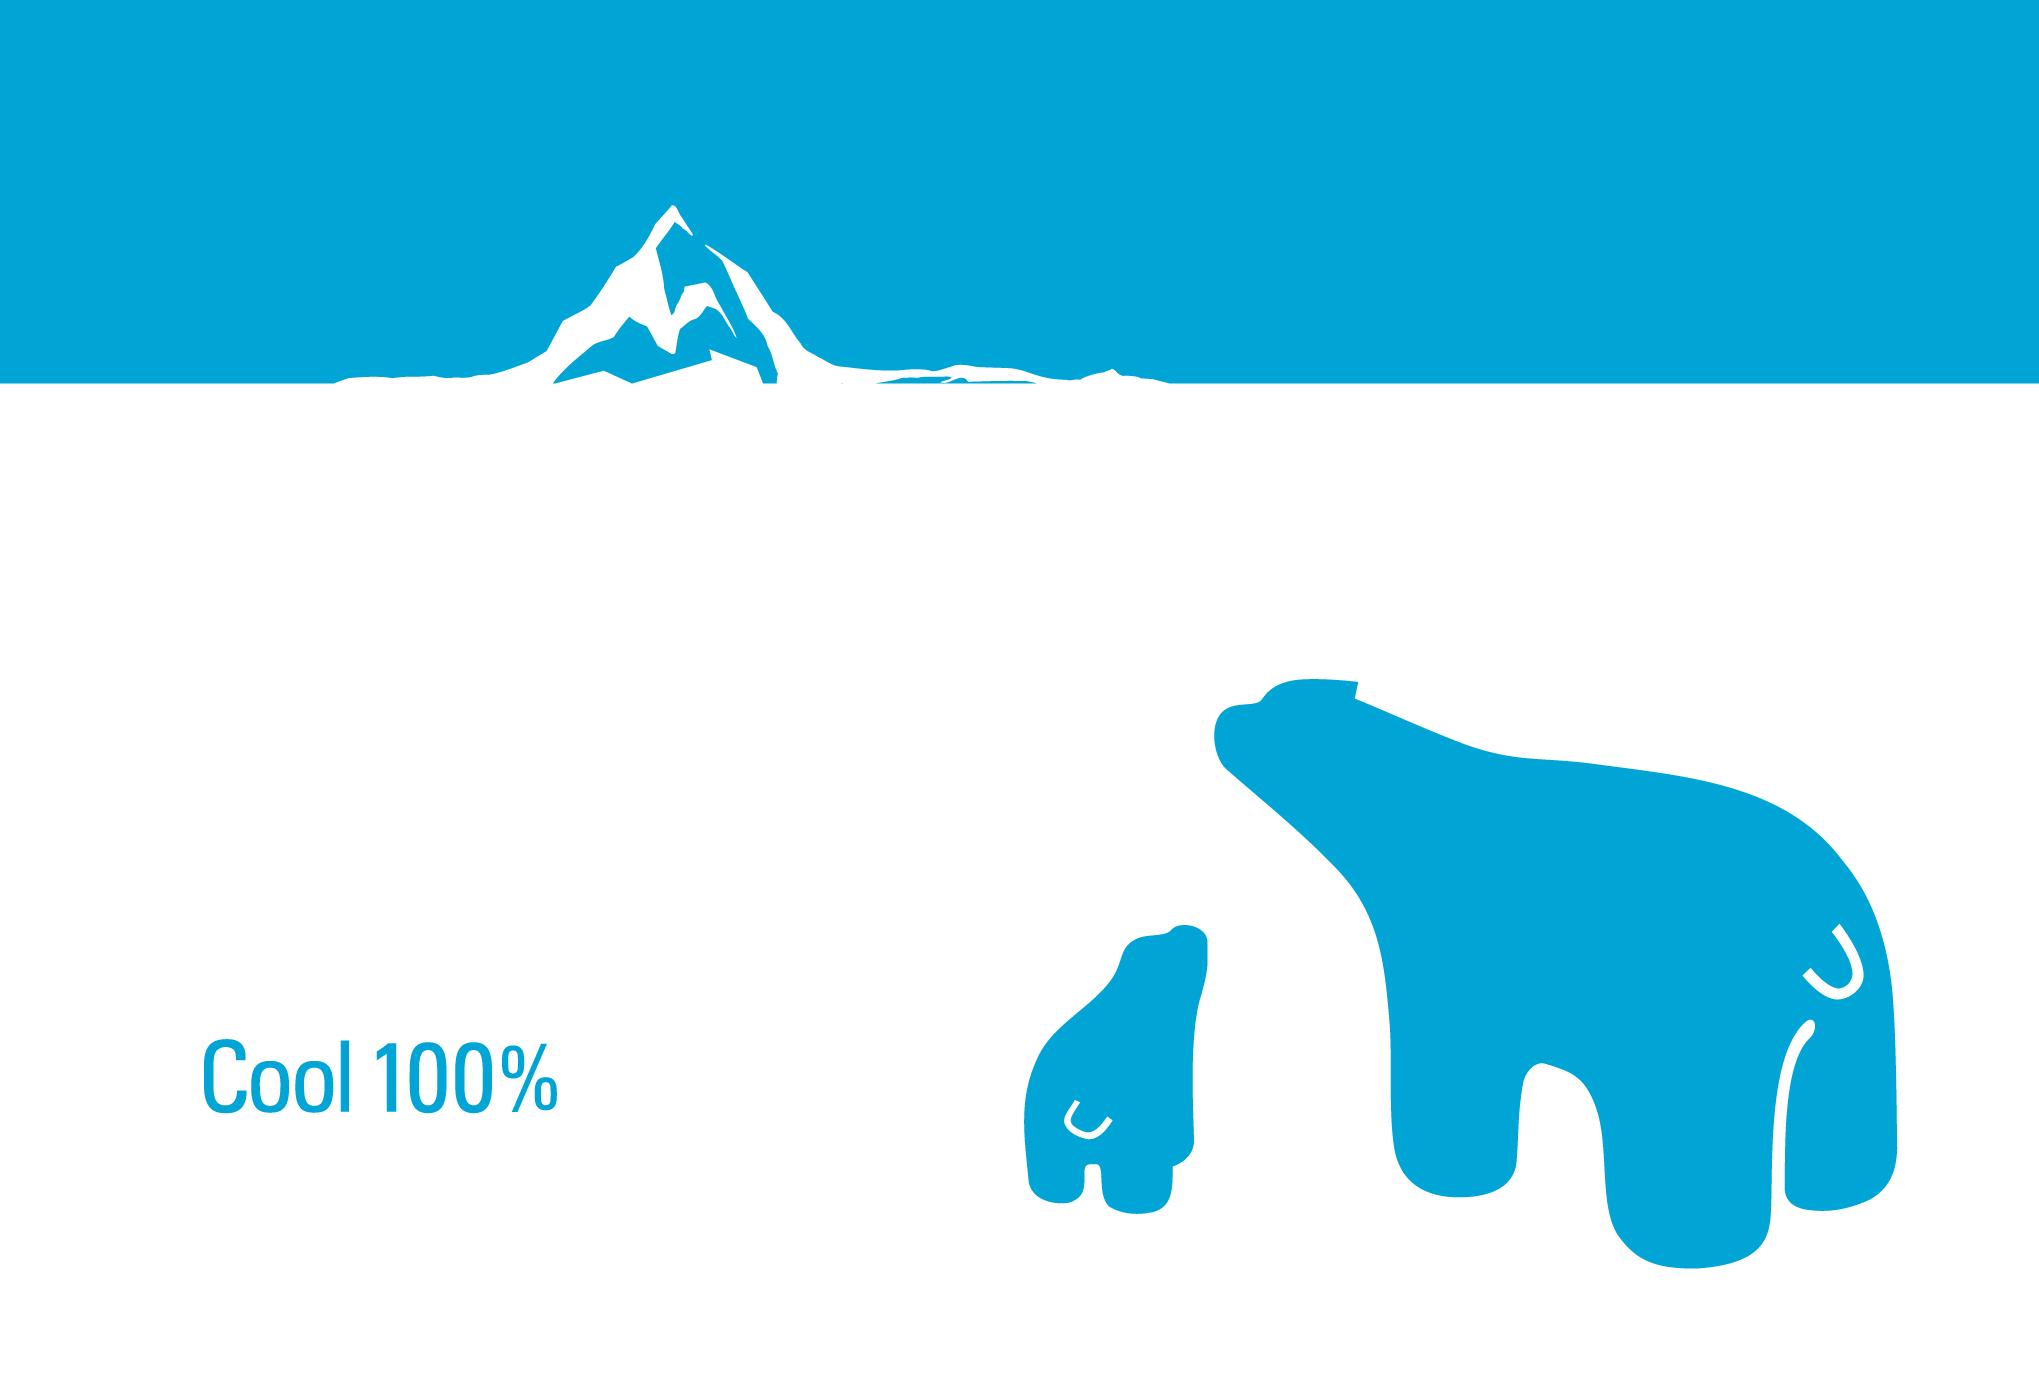 サマーカード52:Cool 100%のダウンロード画像